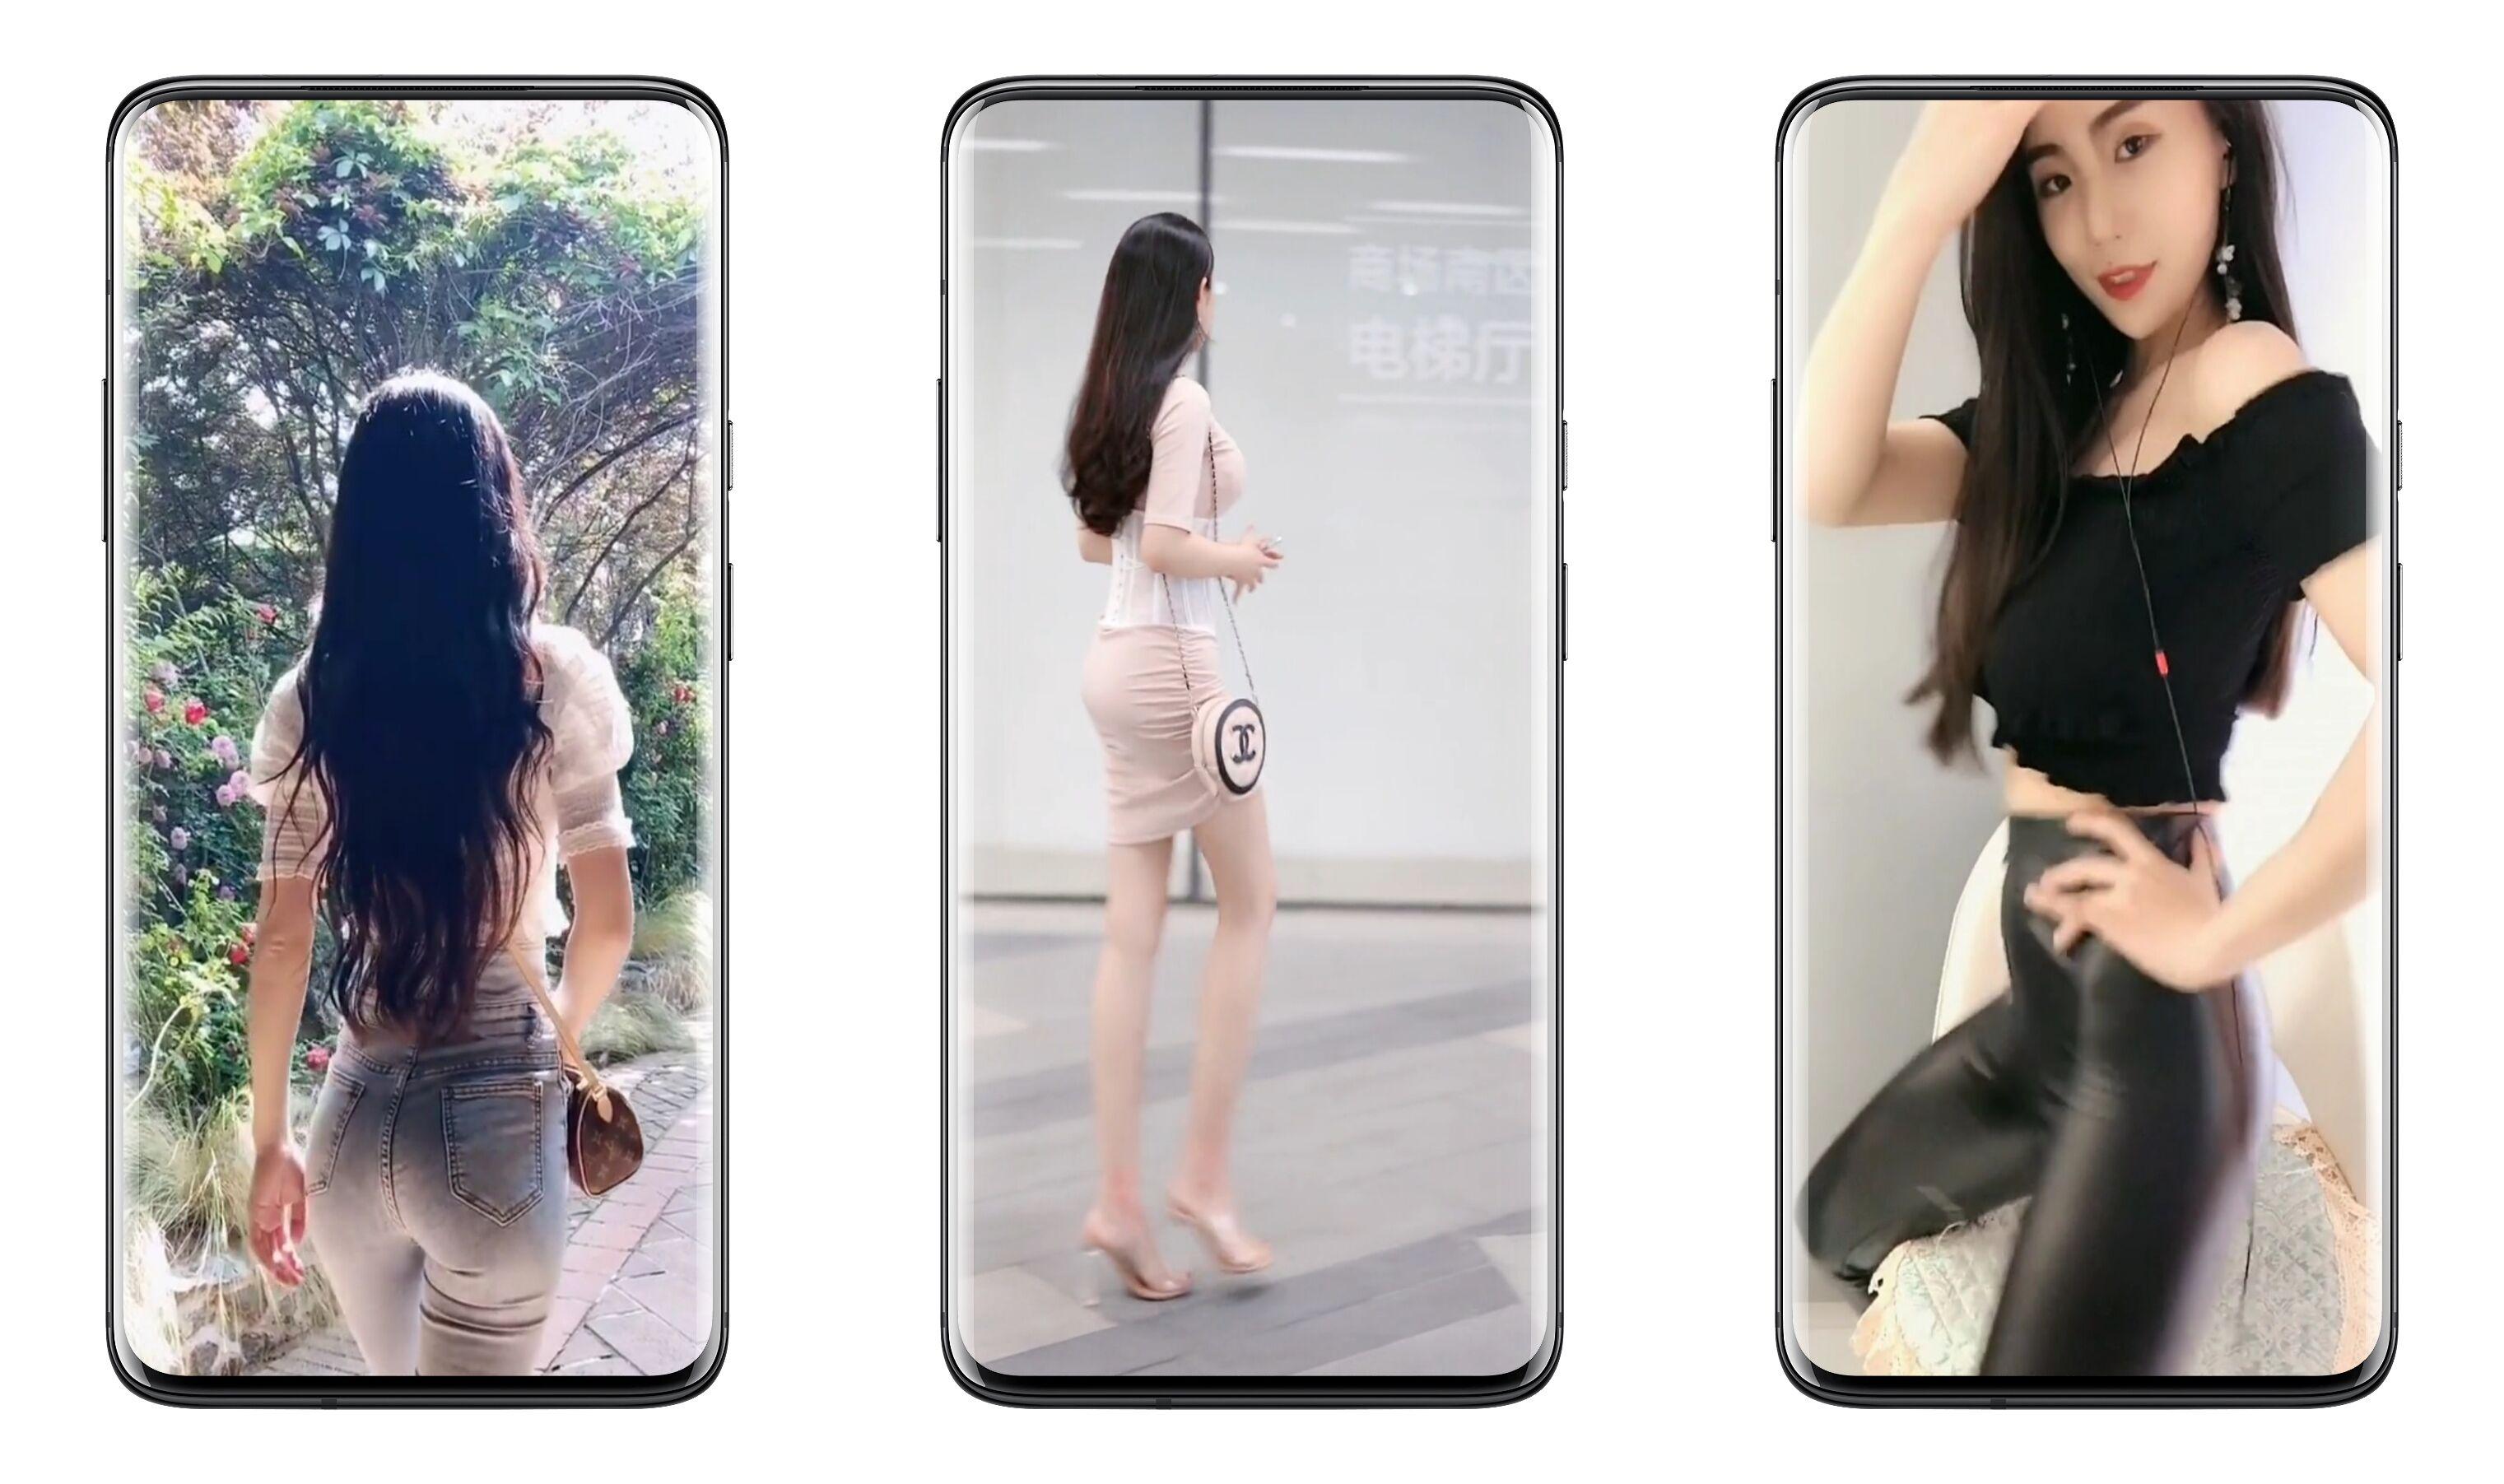 安卓软件 刷个小姐姐 集合各大平台好看的小姐姐的短视频